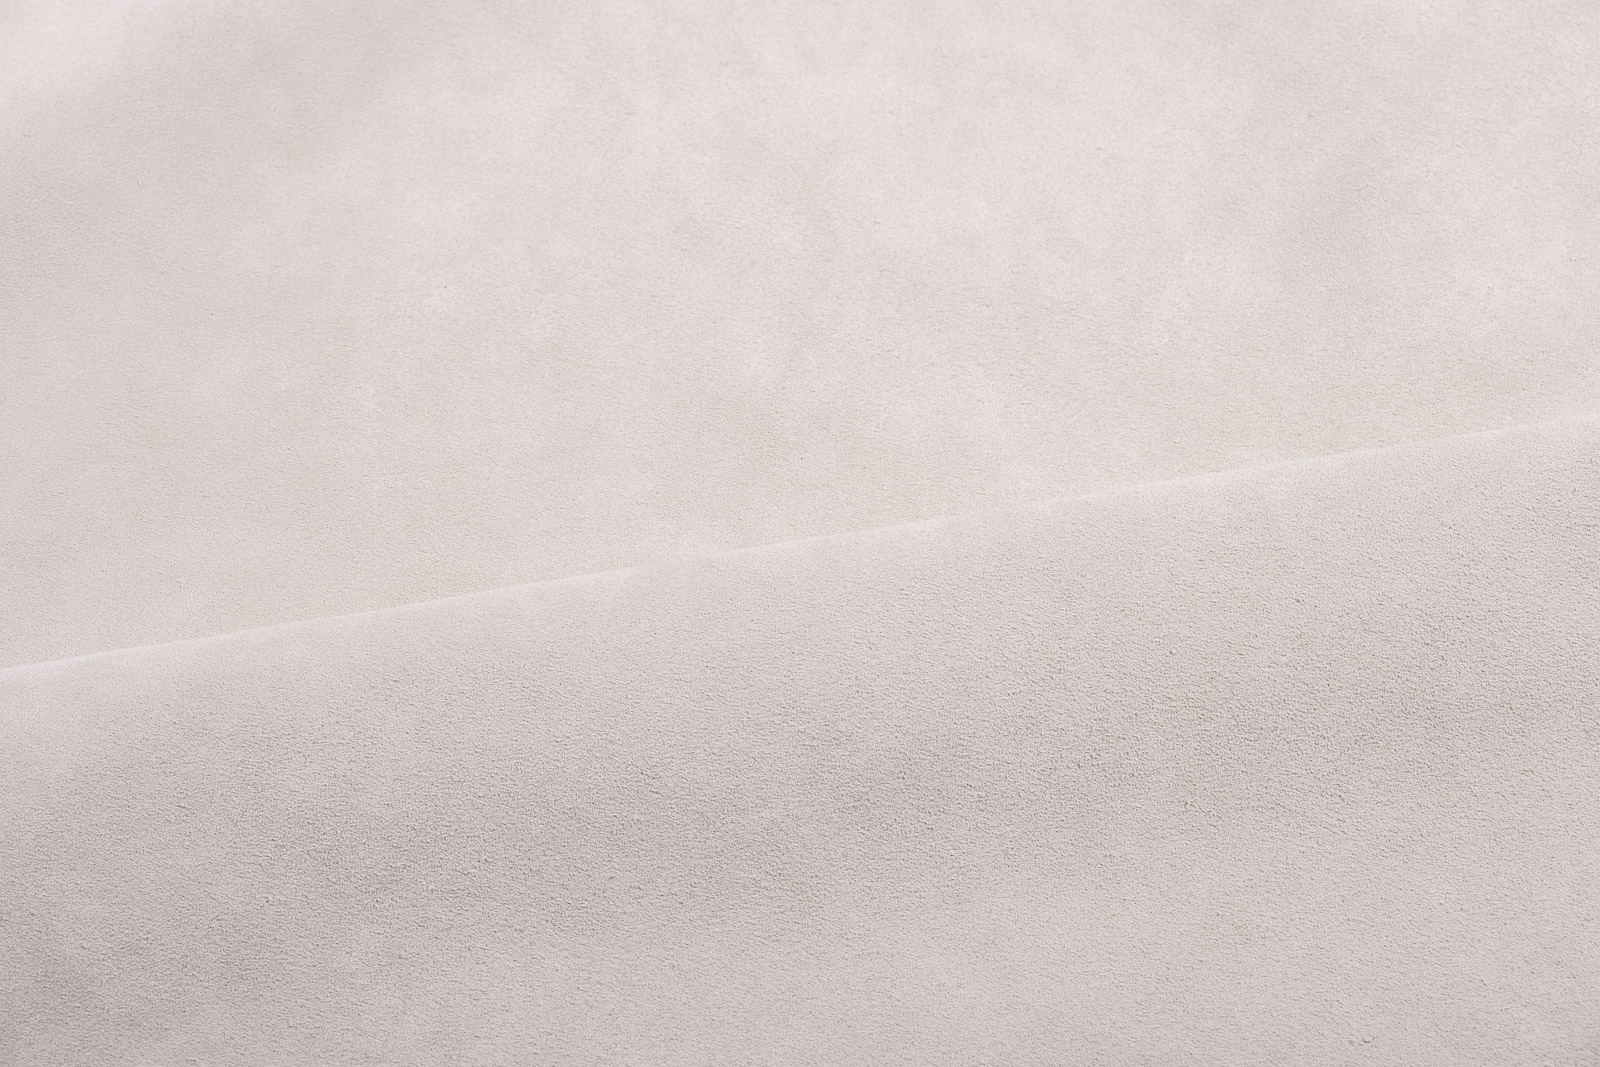 Bianco - A100